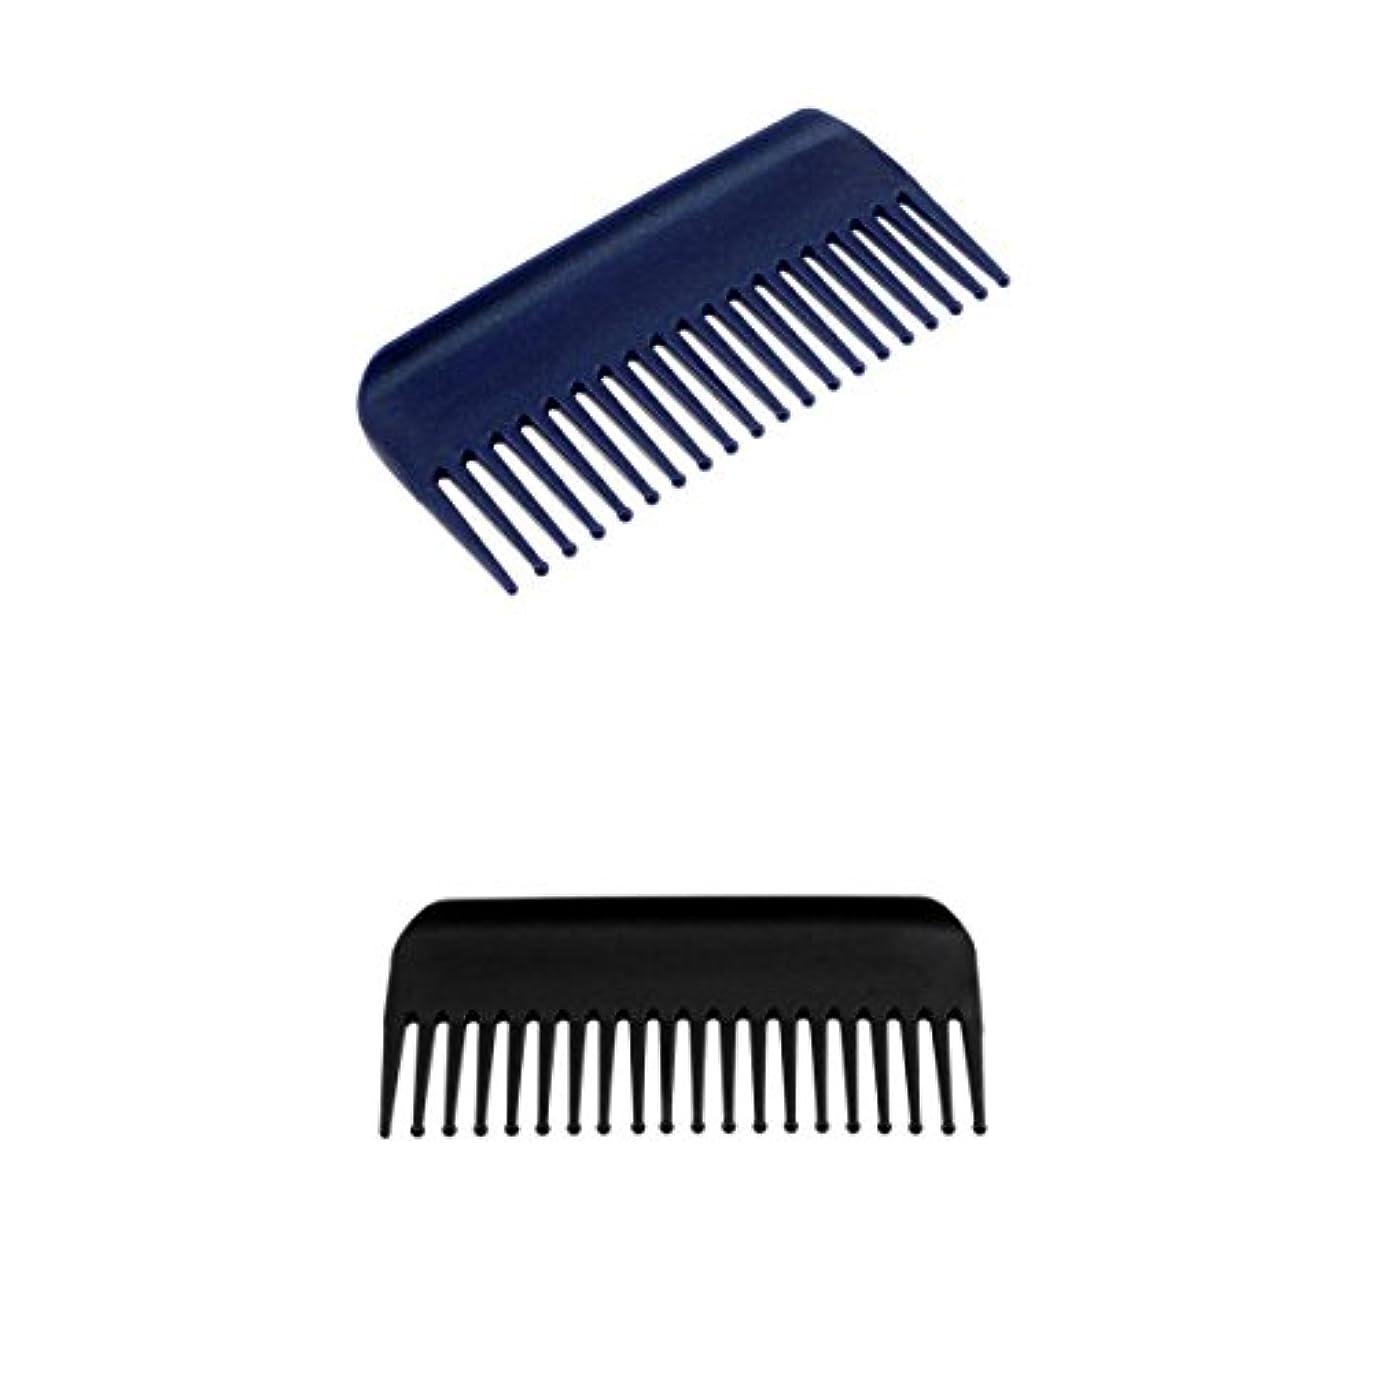 墓つまらないできれば2個19歯解くこと髪くしヘアコンディショニングレーキくしワイド歯ヘアブラシサロン理容ツール